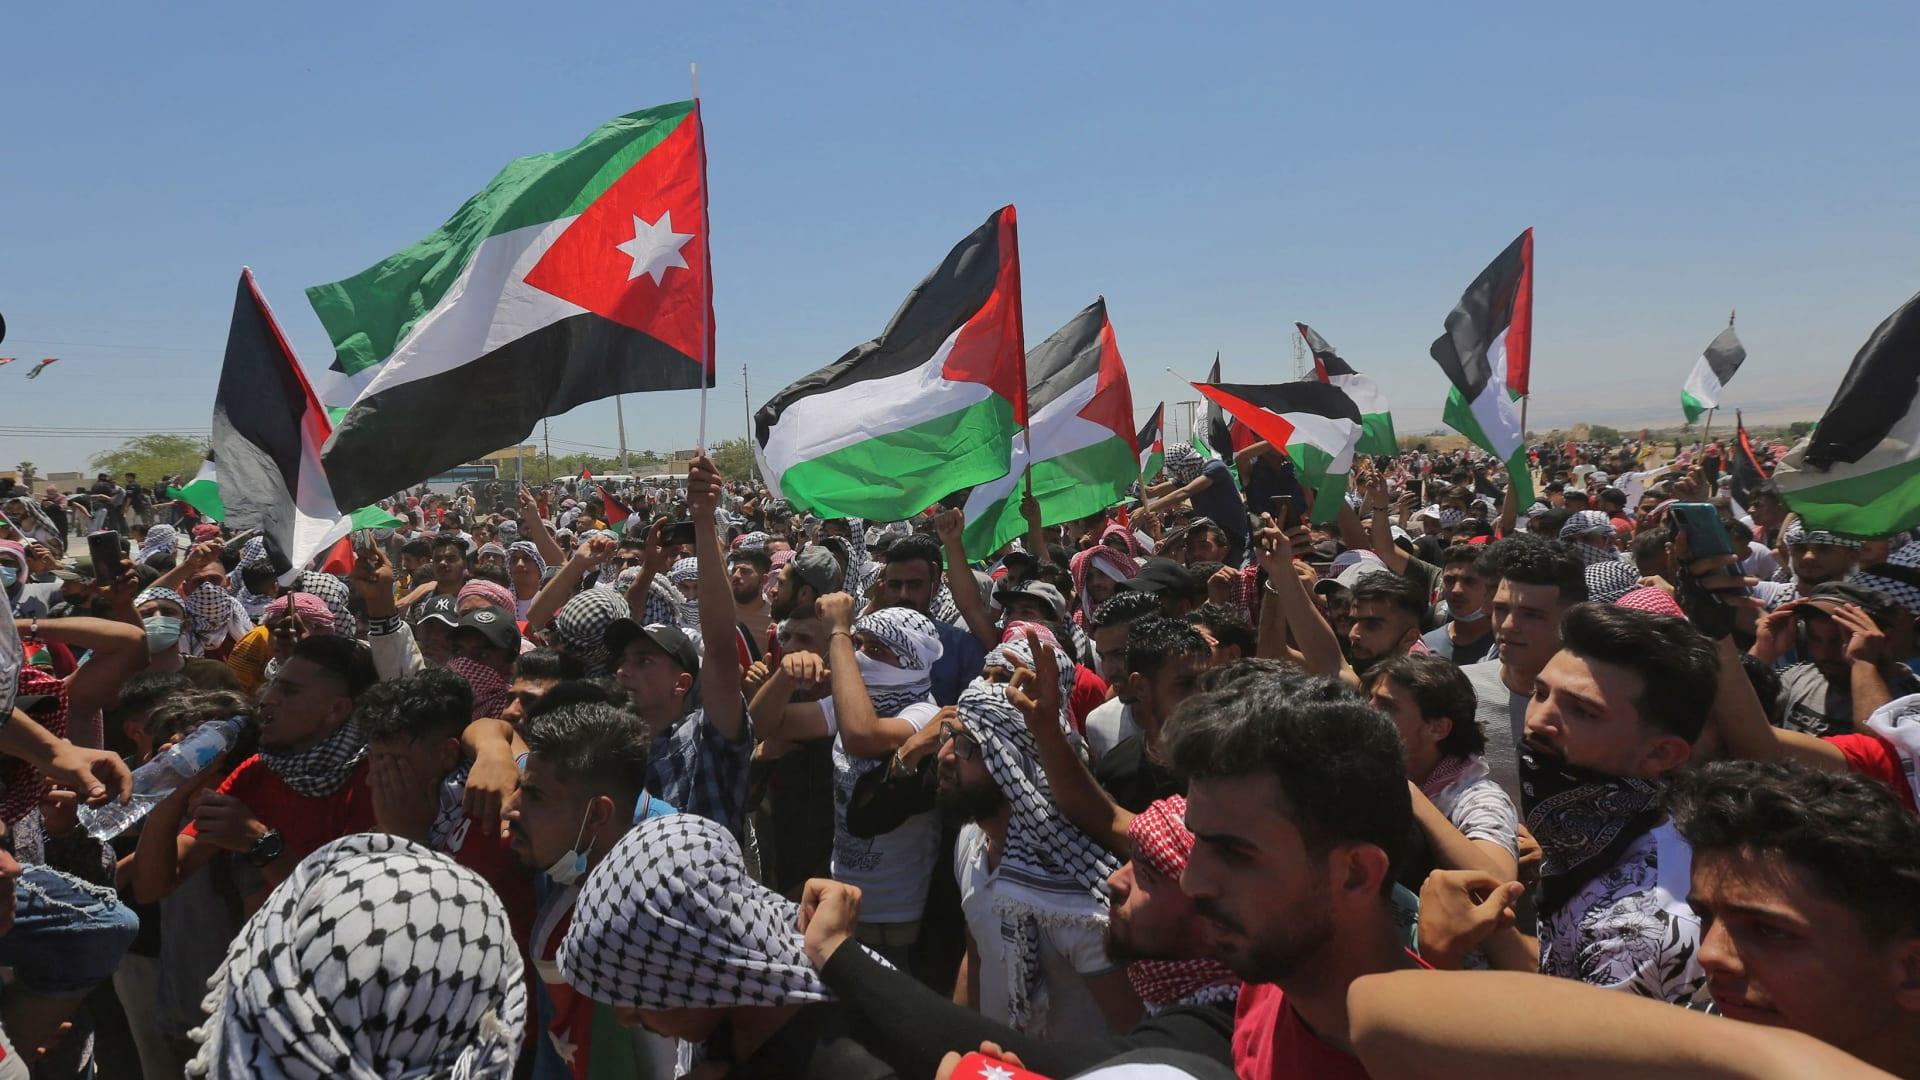 صورة من المظاهرات الاحتجاجية في منطقة الكرامة 15 مايو 2021